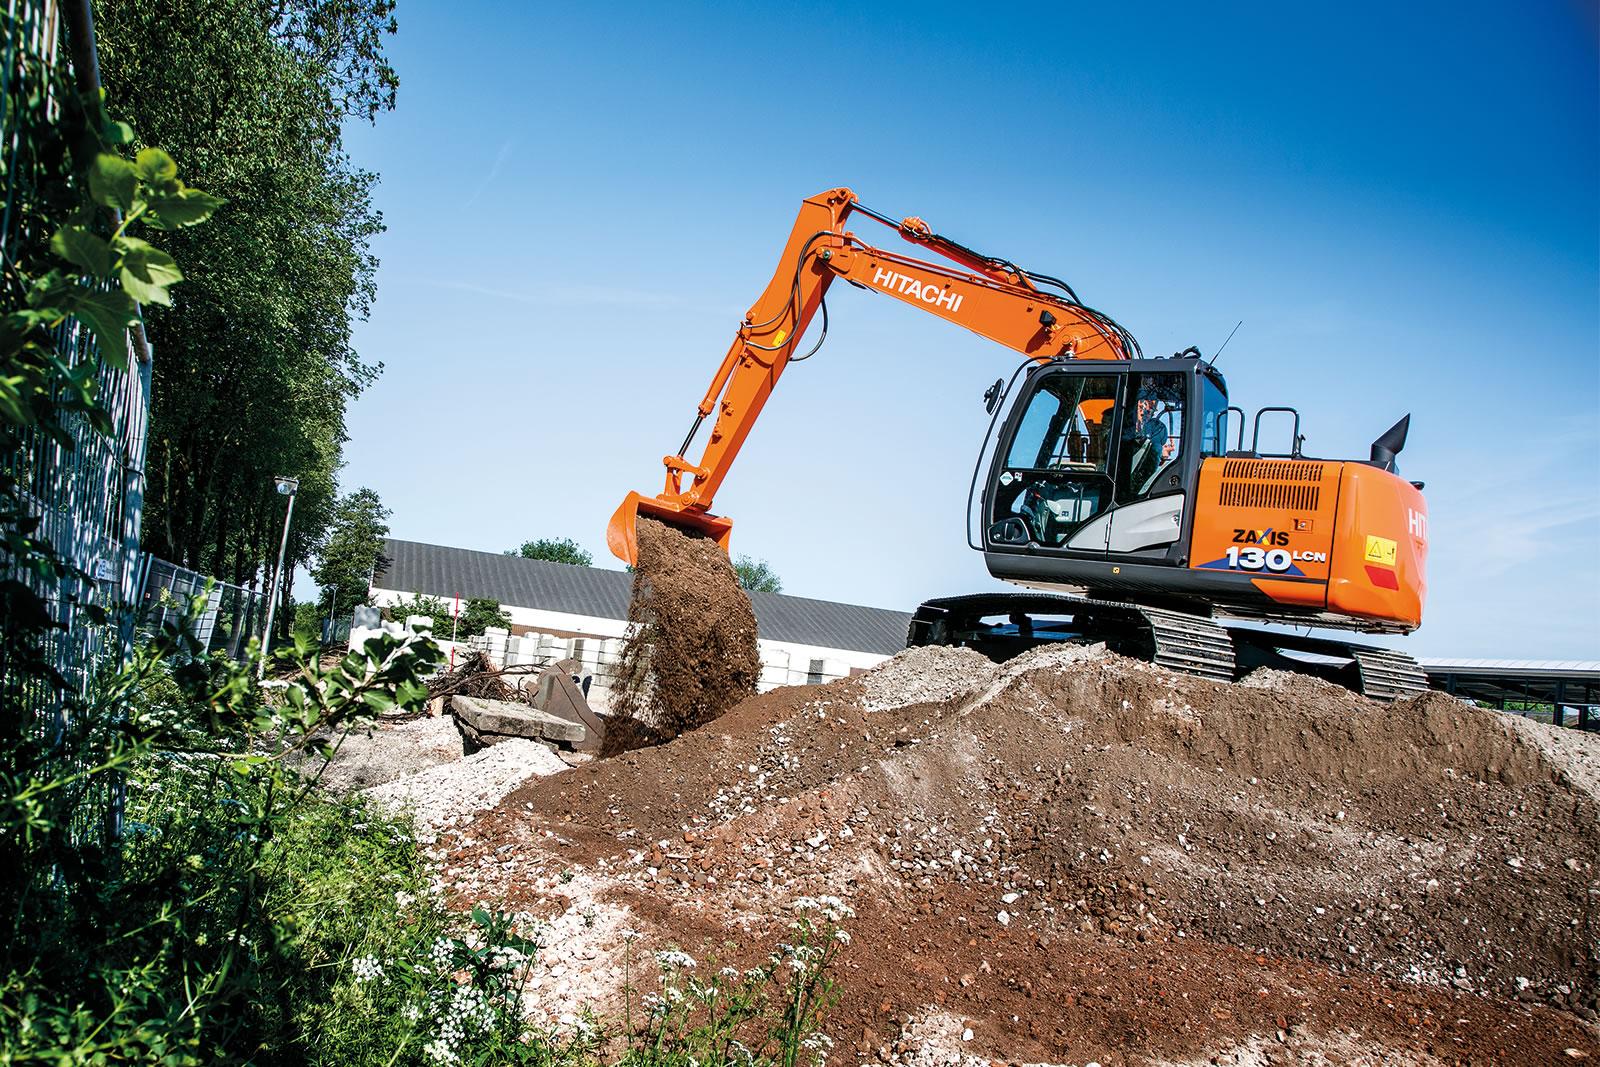 Hitachi ZX130-6 excavator in action